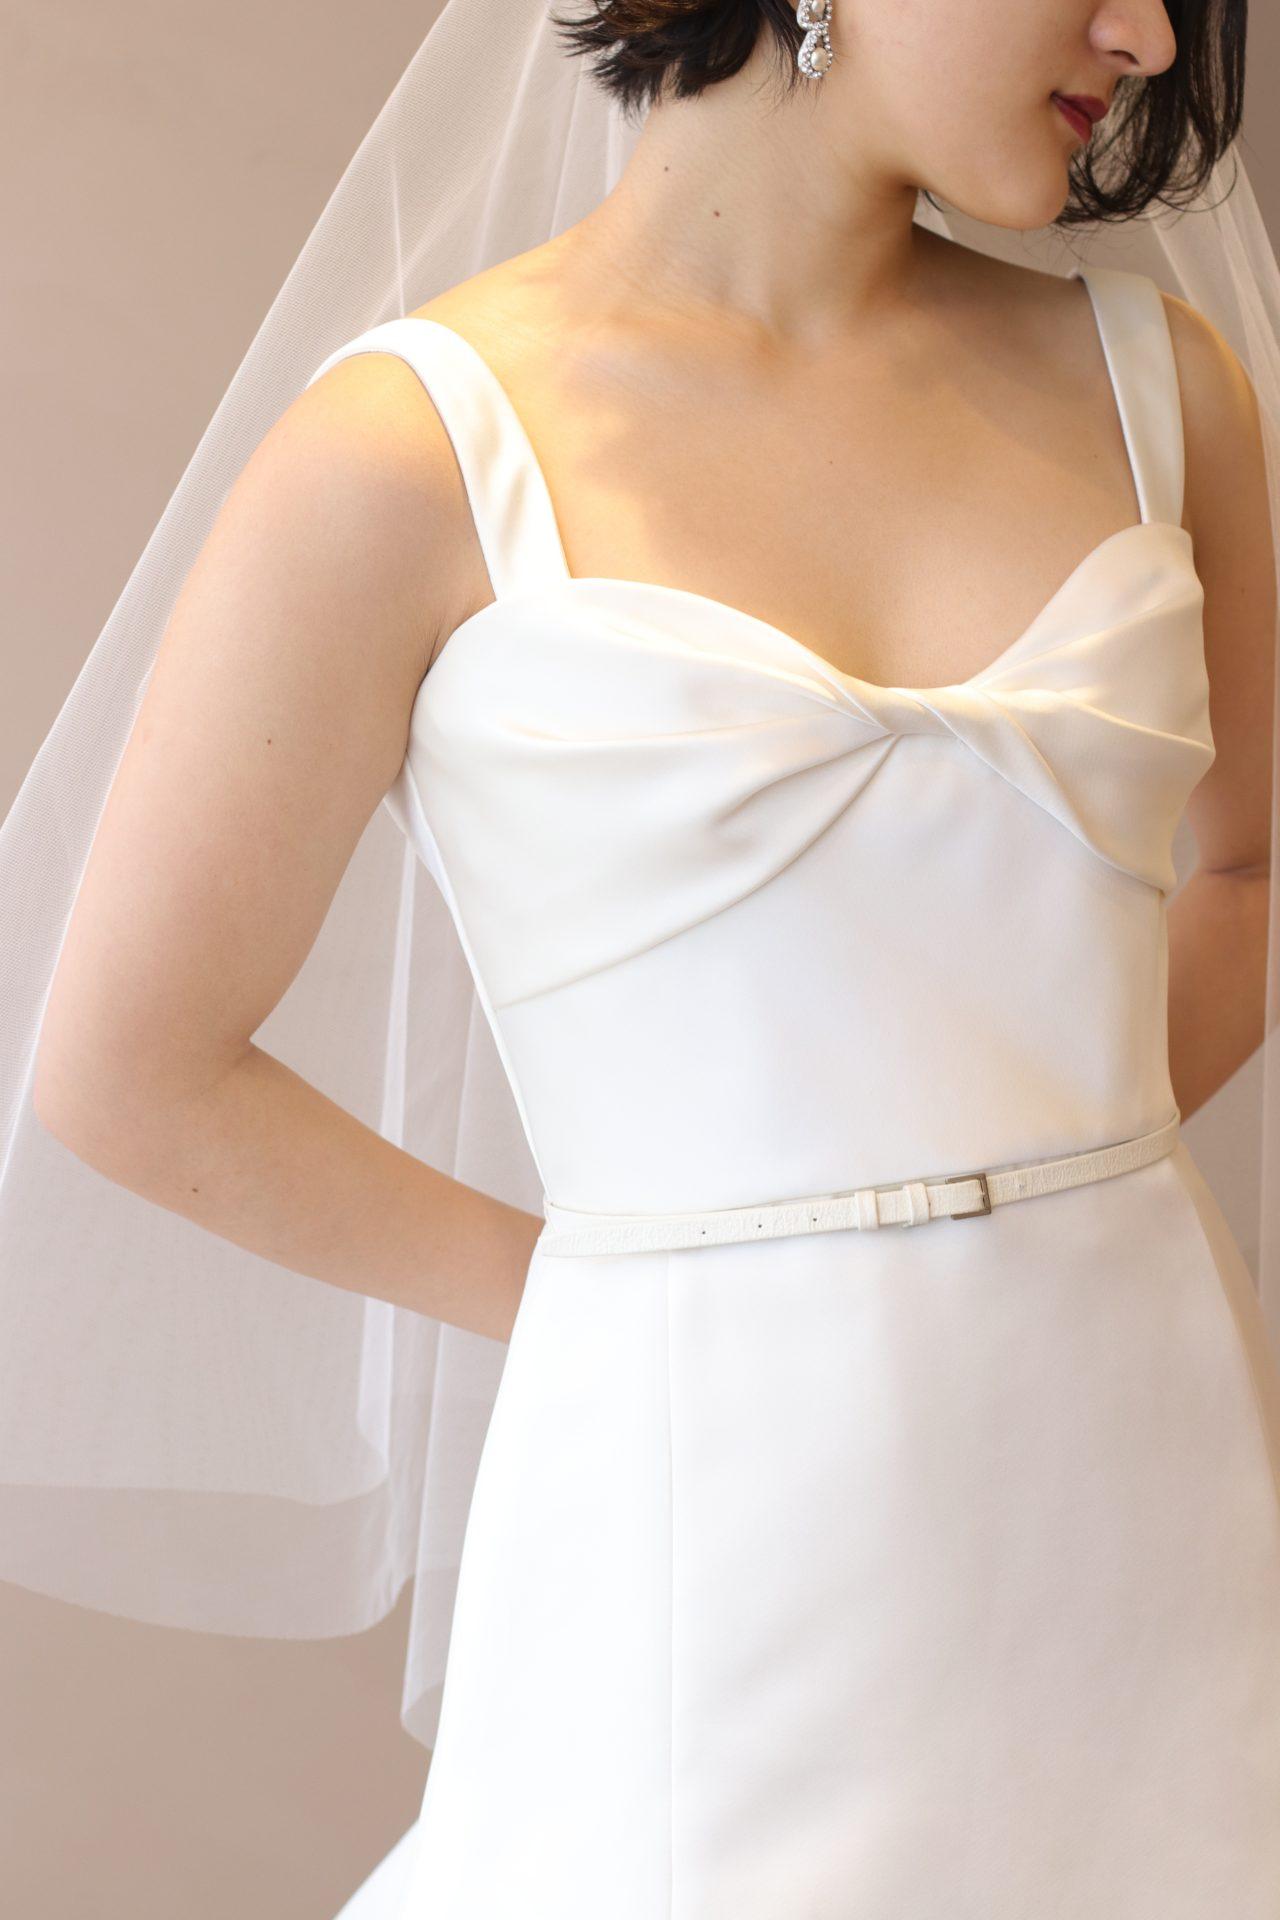 世界中の花嫁から人気のあるエリー・サーブブライドの新作ウェディングドレスは、シンプルでありながらも胸元にアイキャッチーなリボンモチーフが施された唯一無二なデザインがゲストの目を引く30代の大人の女性に人気の1着です